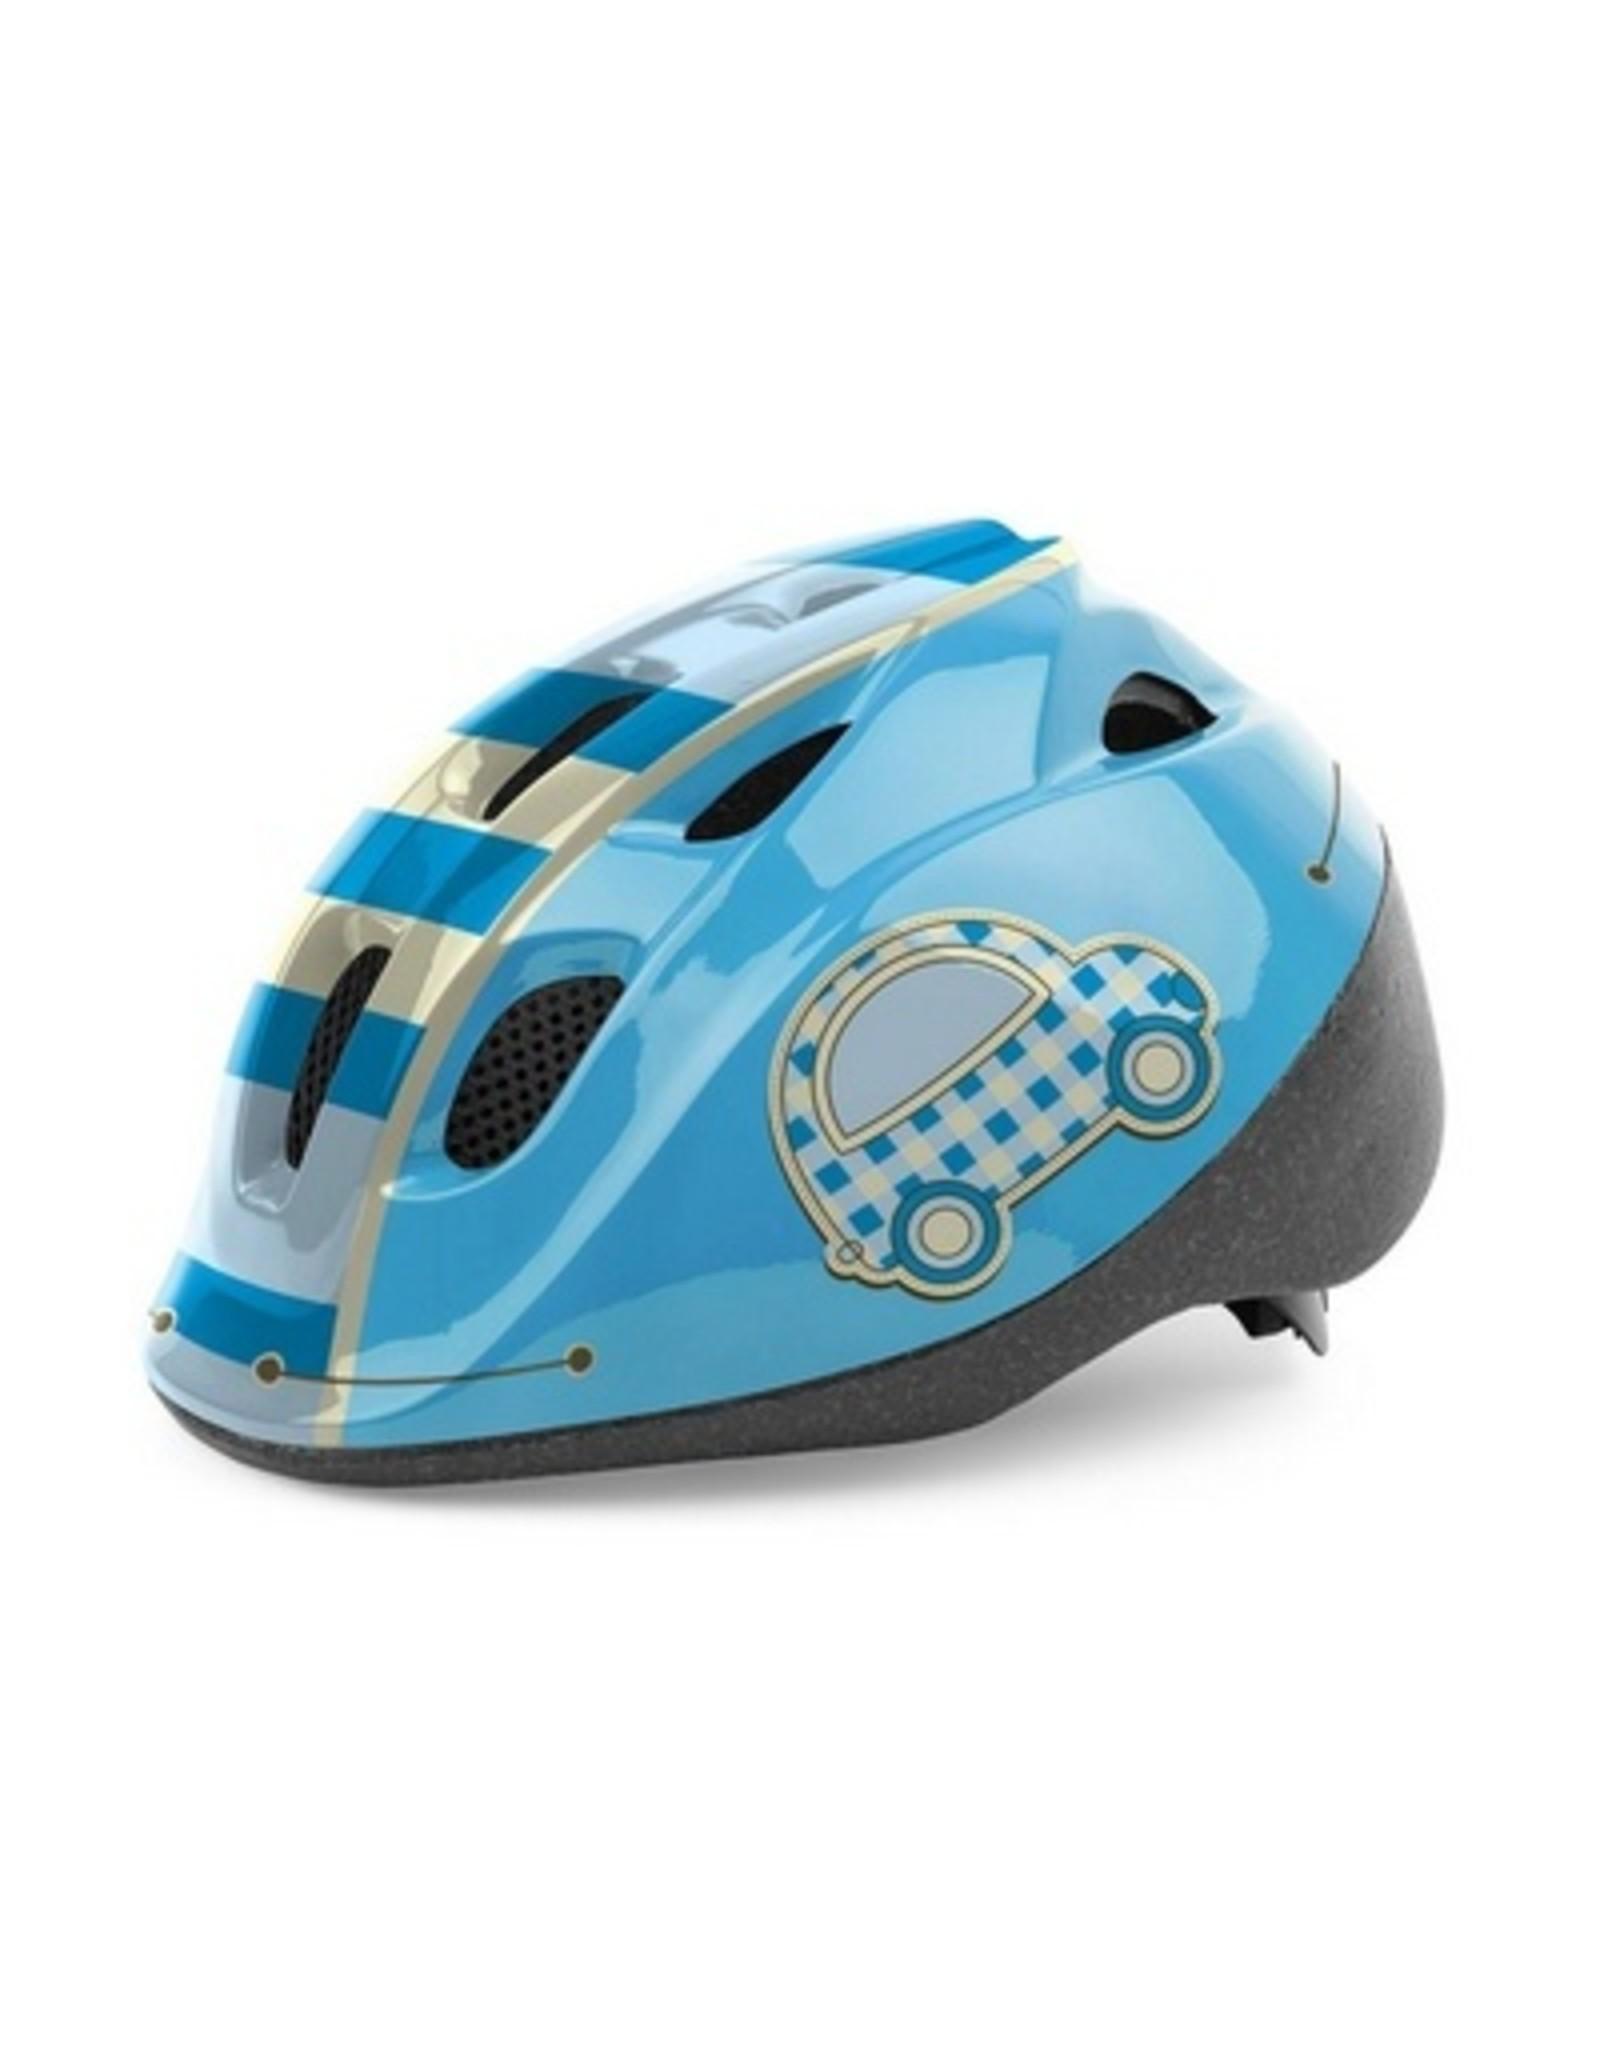 QT fietshelm kleuter Driver